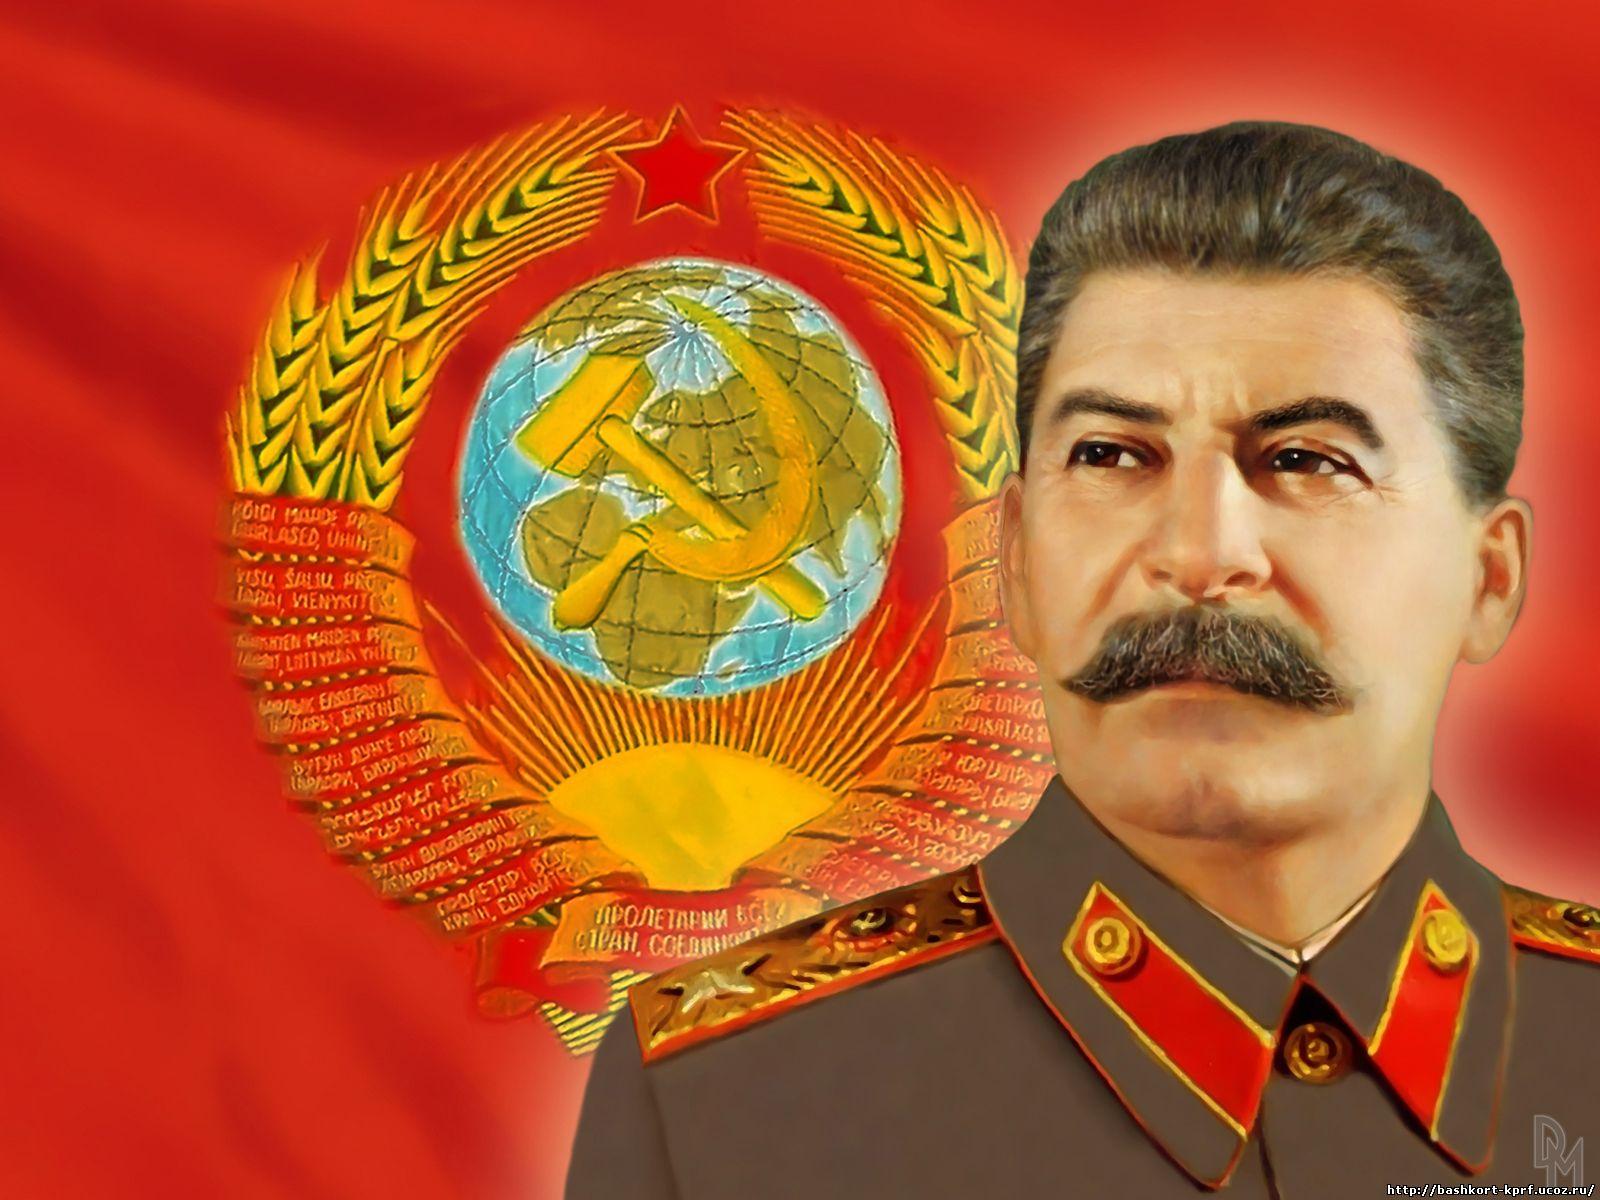 http://2.bp.blogspot.com/-bhfZpsOVLFU/UTfFo7yDKNI/AAAAAAAAFgs/uvWyuSO33o8/s1600/stalin_wallpaper.jpg